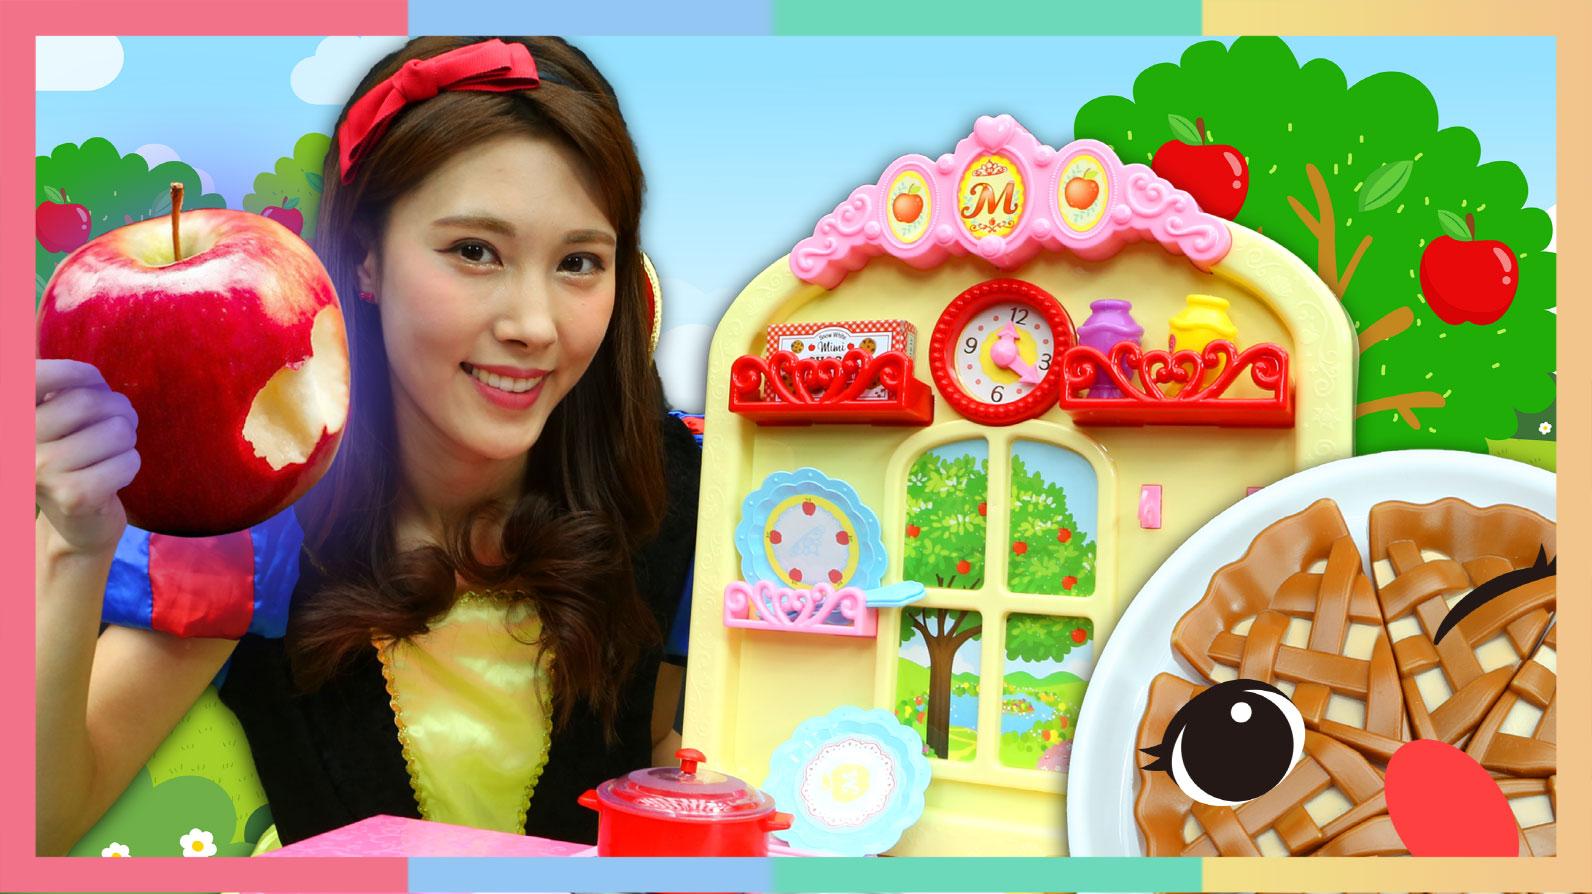 会变丑的苹果!白雪公主的厨房里有什么?  凯利和玩具朋友们 CarrieAndToys